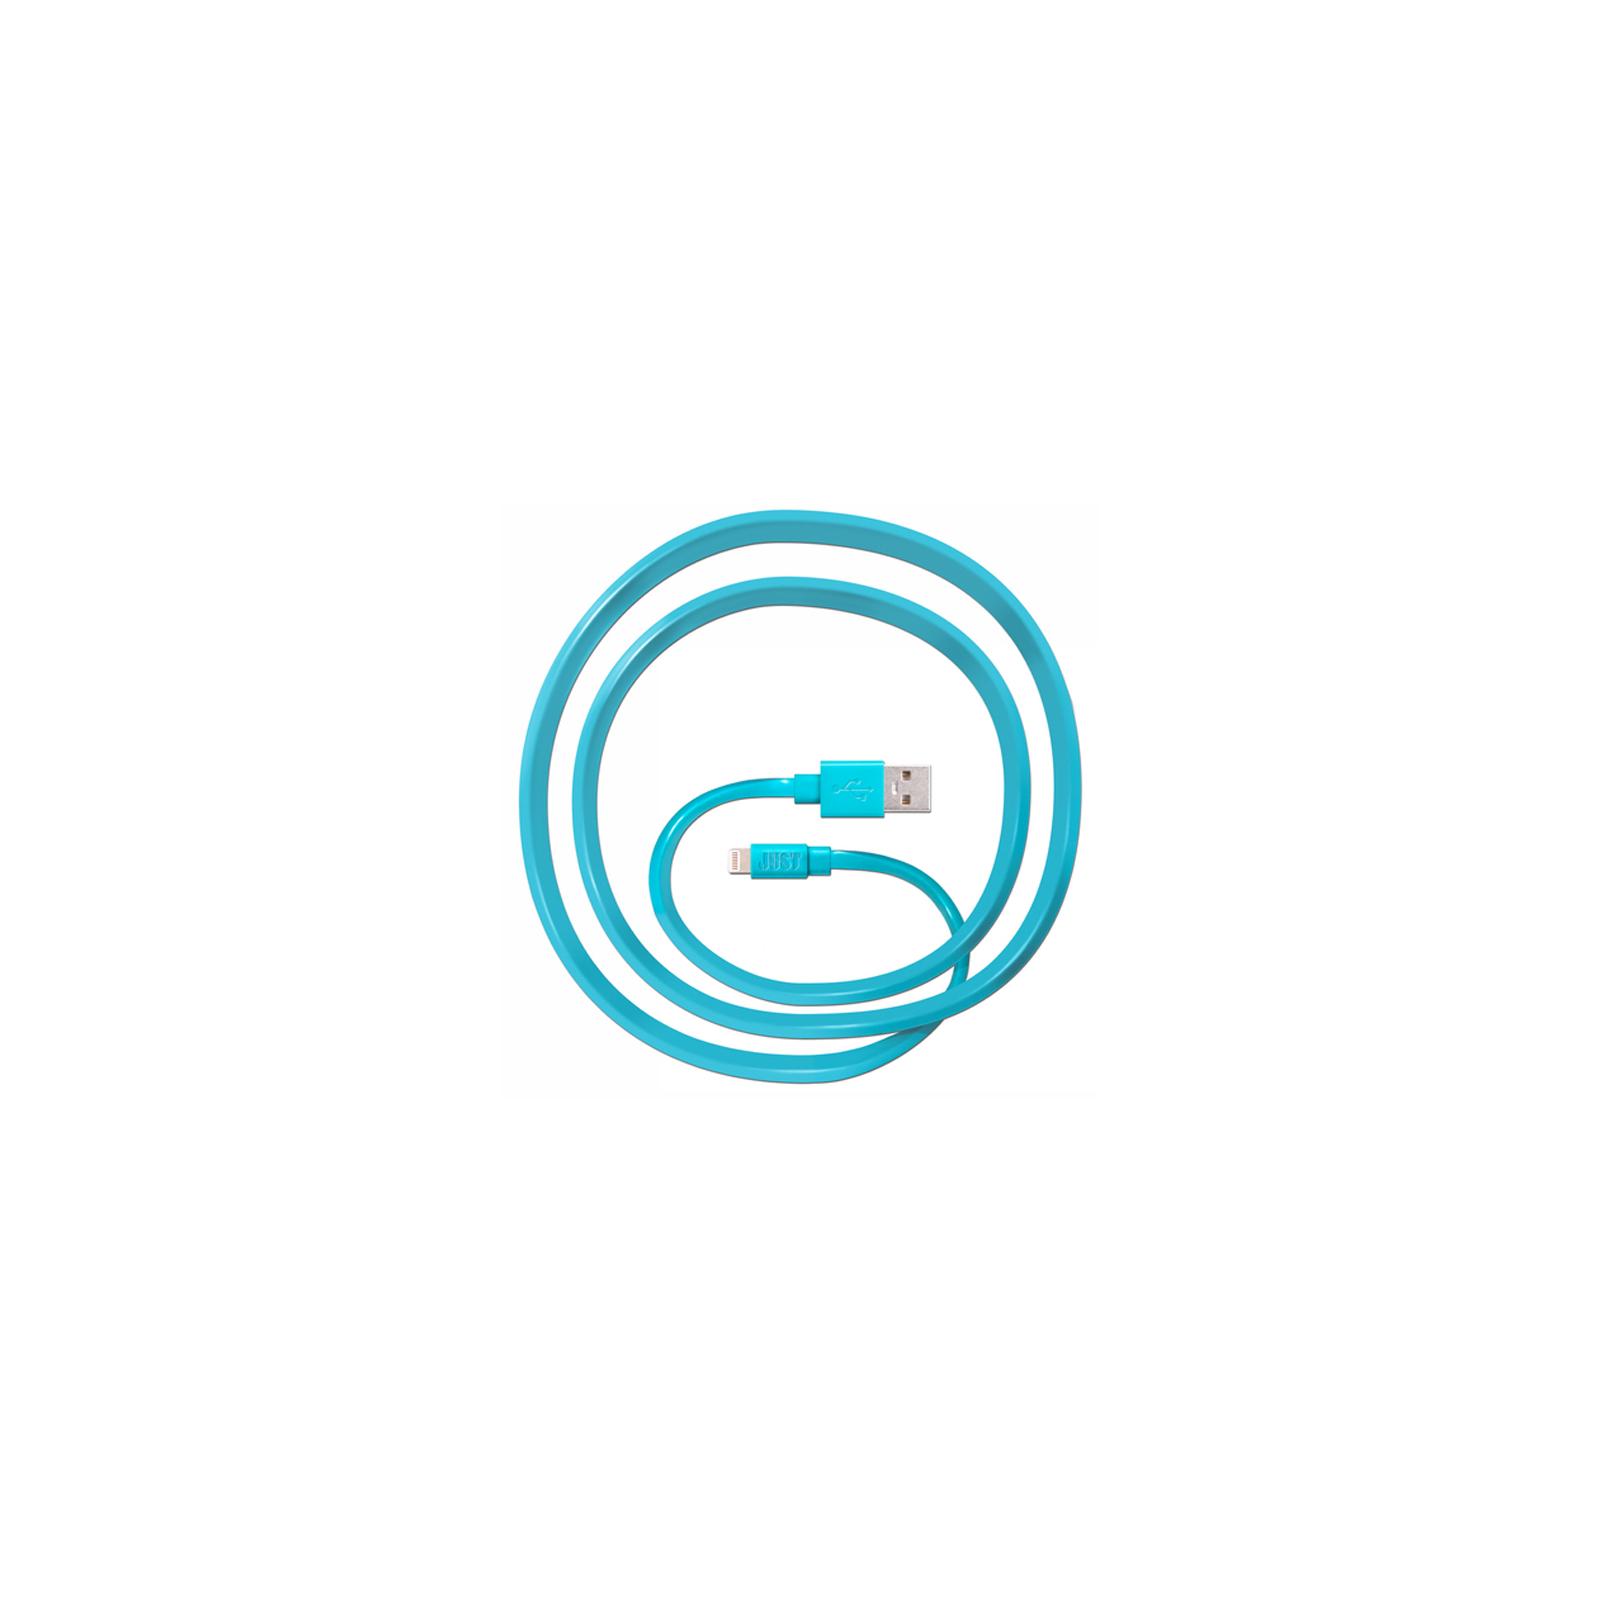 Дата кабель JUST Freedom Lightning USB Cable Blue (LGTNG-FRDM-BL) изображение 2